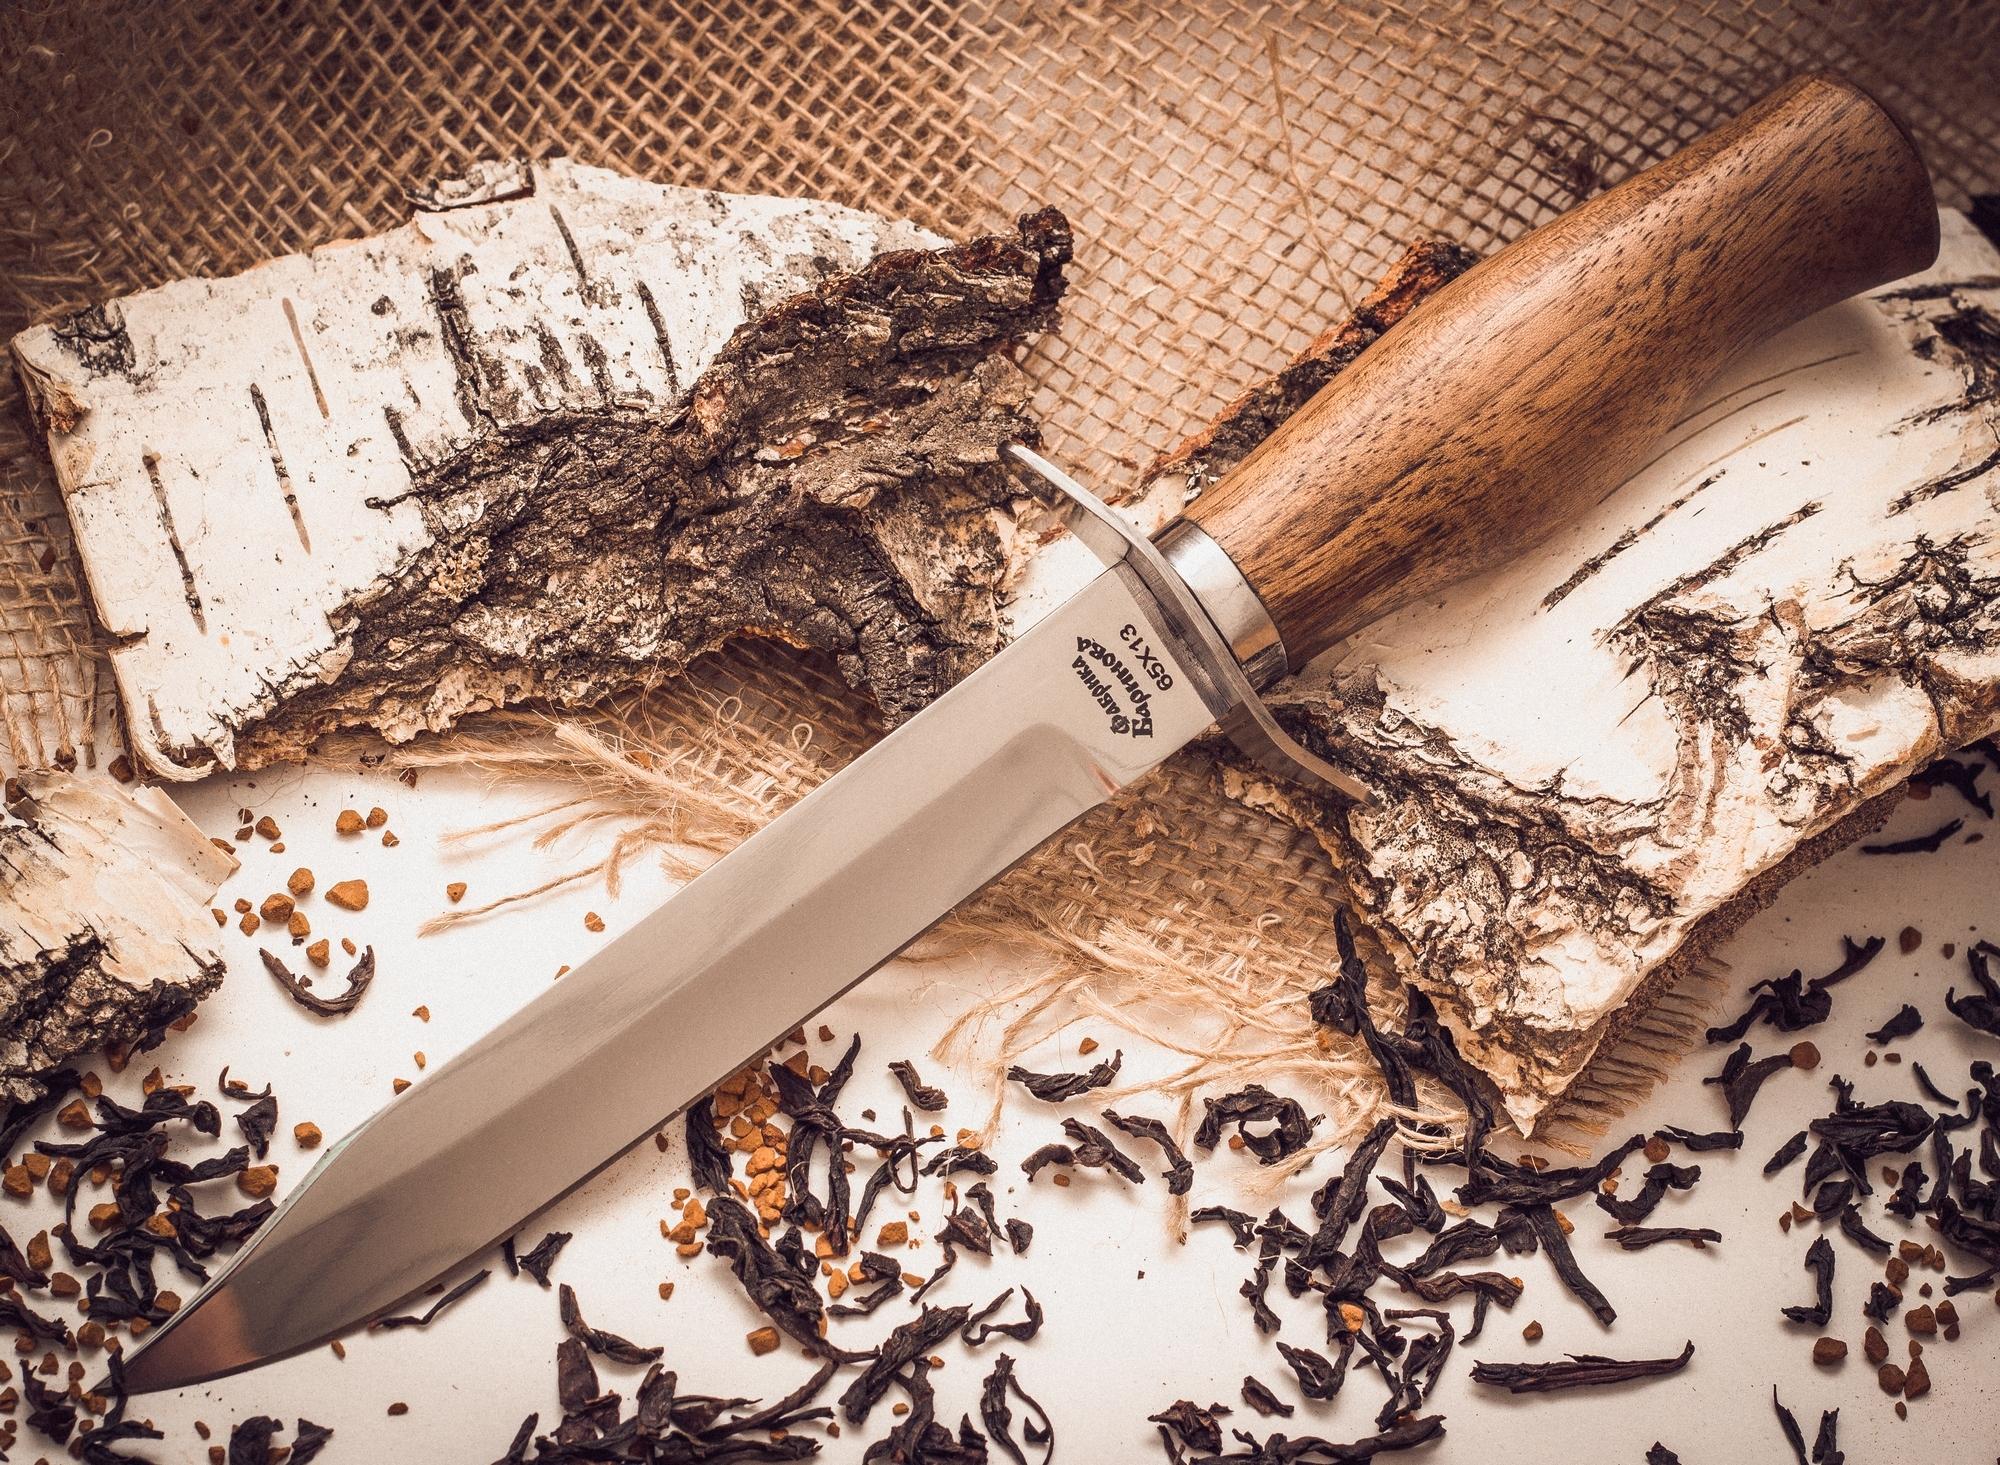 Нож разведчика, Фабрика БариноваНожи разведчика НР, Финки НКВД<br>Этот нож сочетает в себе отличительные особенности финских и русских северных ножей. Удобная рукоять рассчитана на уверенное удержание как большой, так и маленькой ладонью. Гарда-ограничитель повышает безопасность при использовании ножа в полевых условиях. Длинный и острый клинок, имеет скос на обухе, что повышает эффективность ножа при совершении колющих ударов. Высокие спуски и тонкий подвод обеспечивают максимально острую режущую кромку.<br>